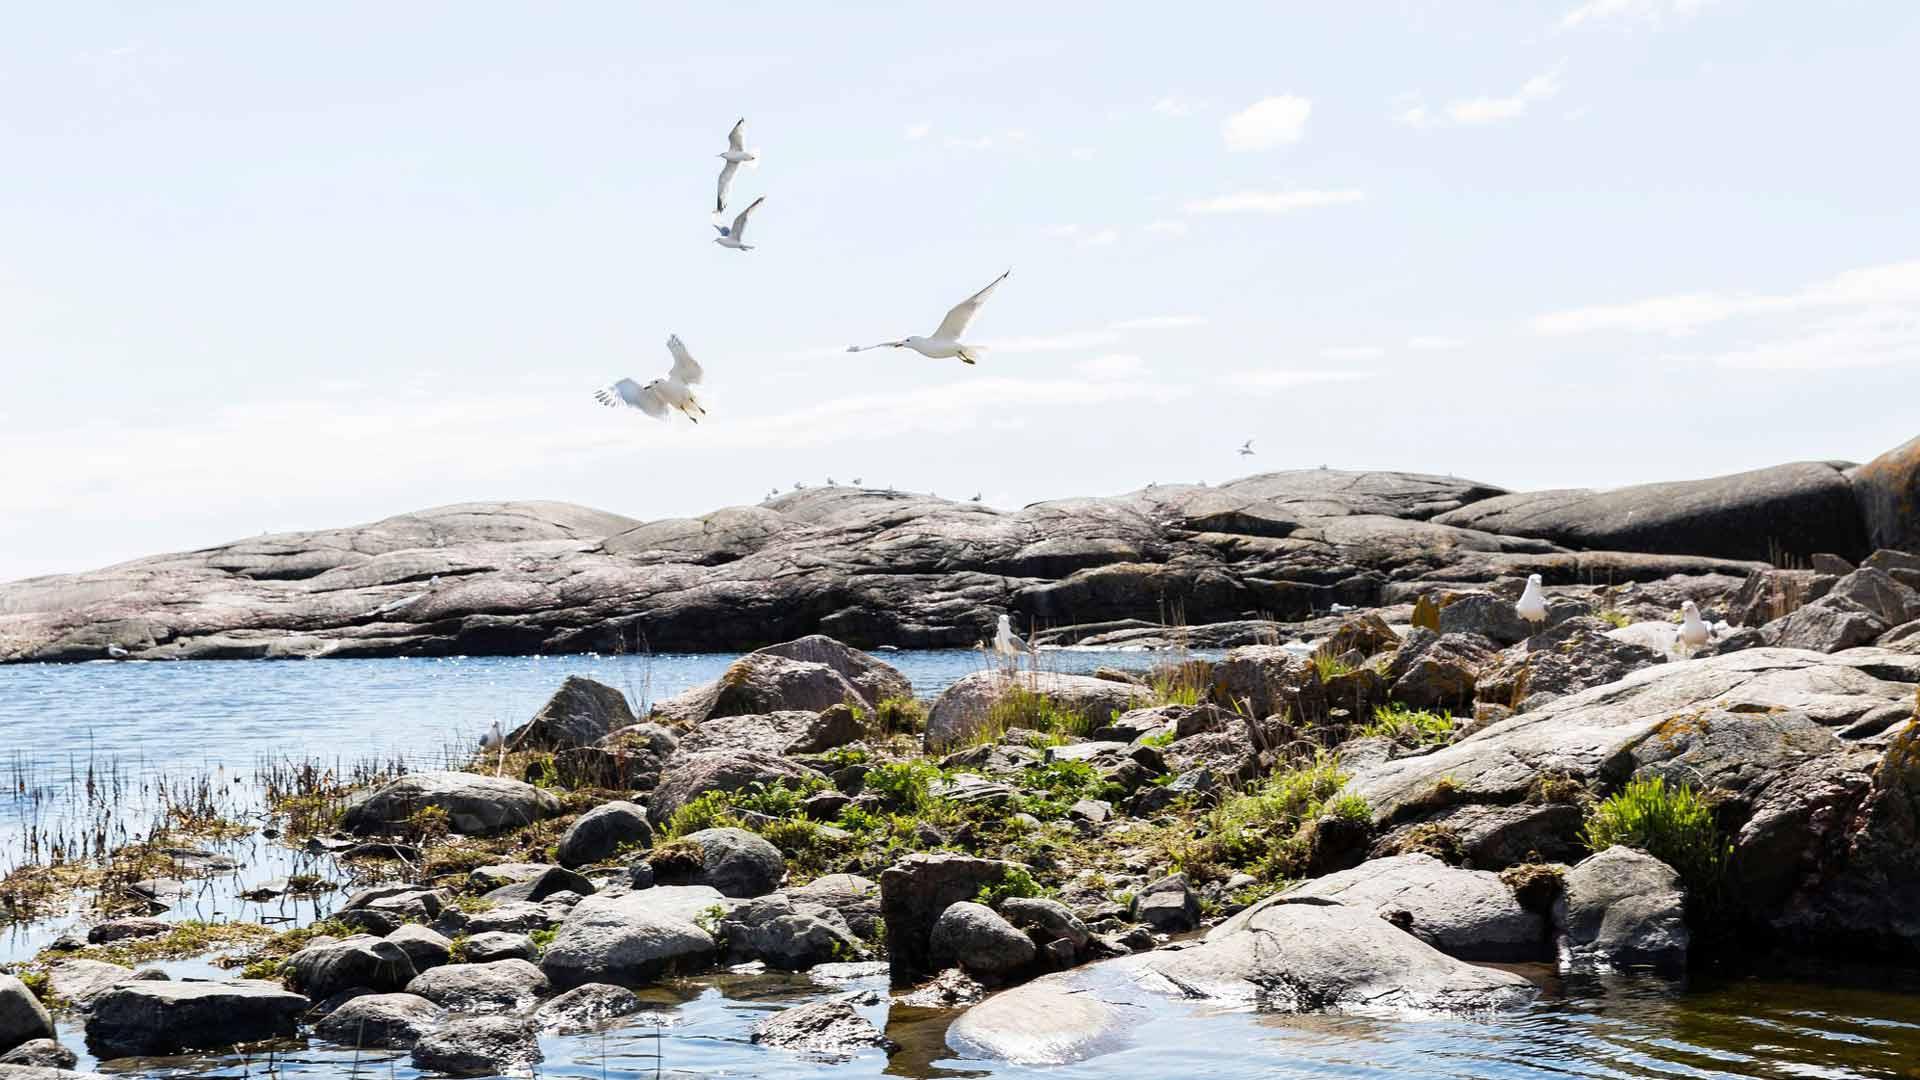 Tove Janssonin erityisen rakas suhde kasvoi juuri Harun saareen, sillä vasta siellä hän sai asua ensimmäistä kertaa yhdessä Tuulikin kanssa.